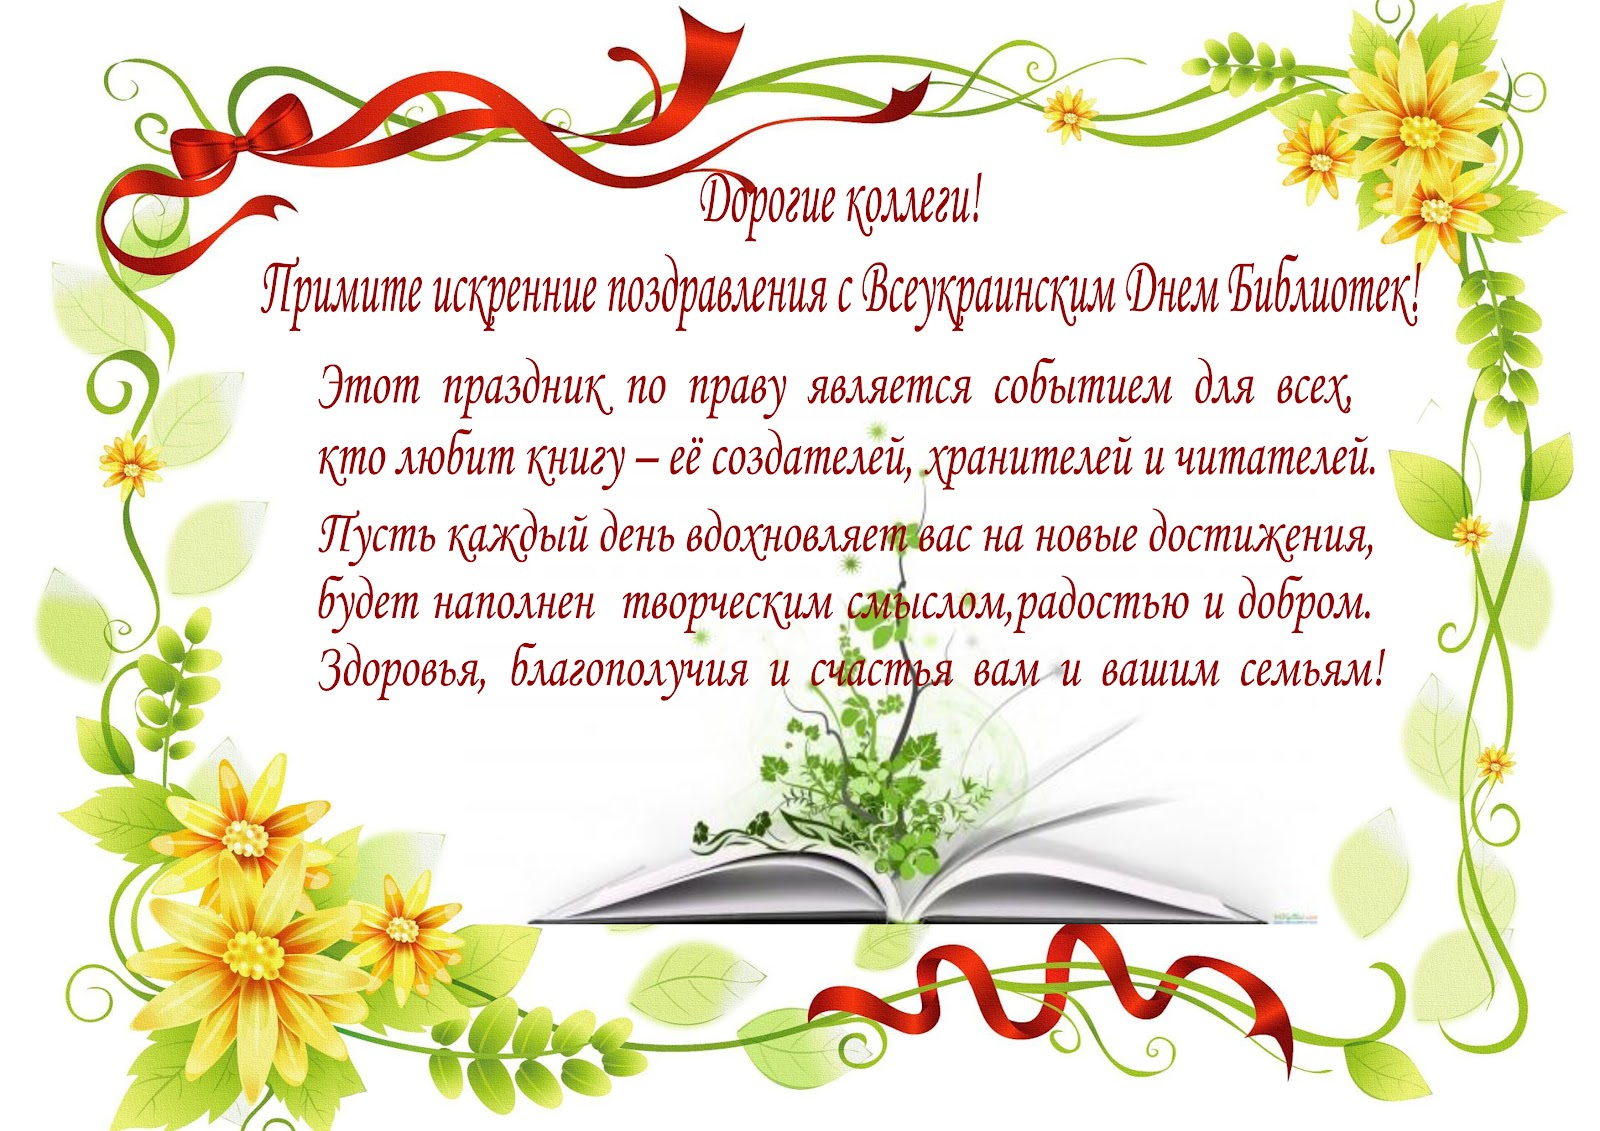 Поздравление с днём библиотекаря для коллег